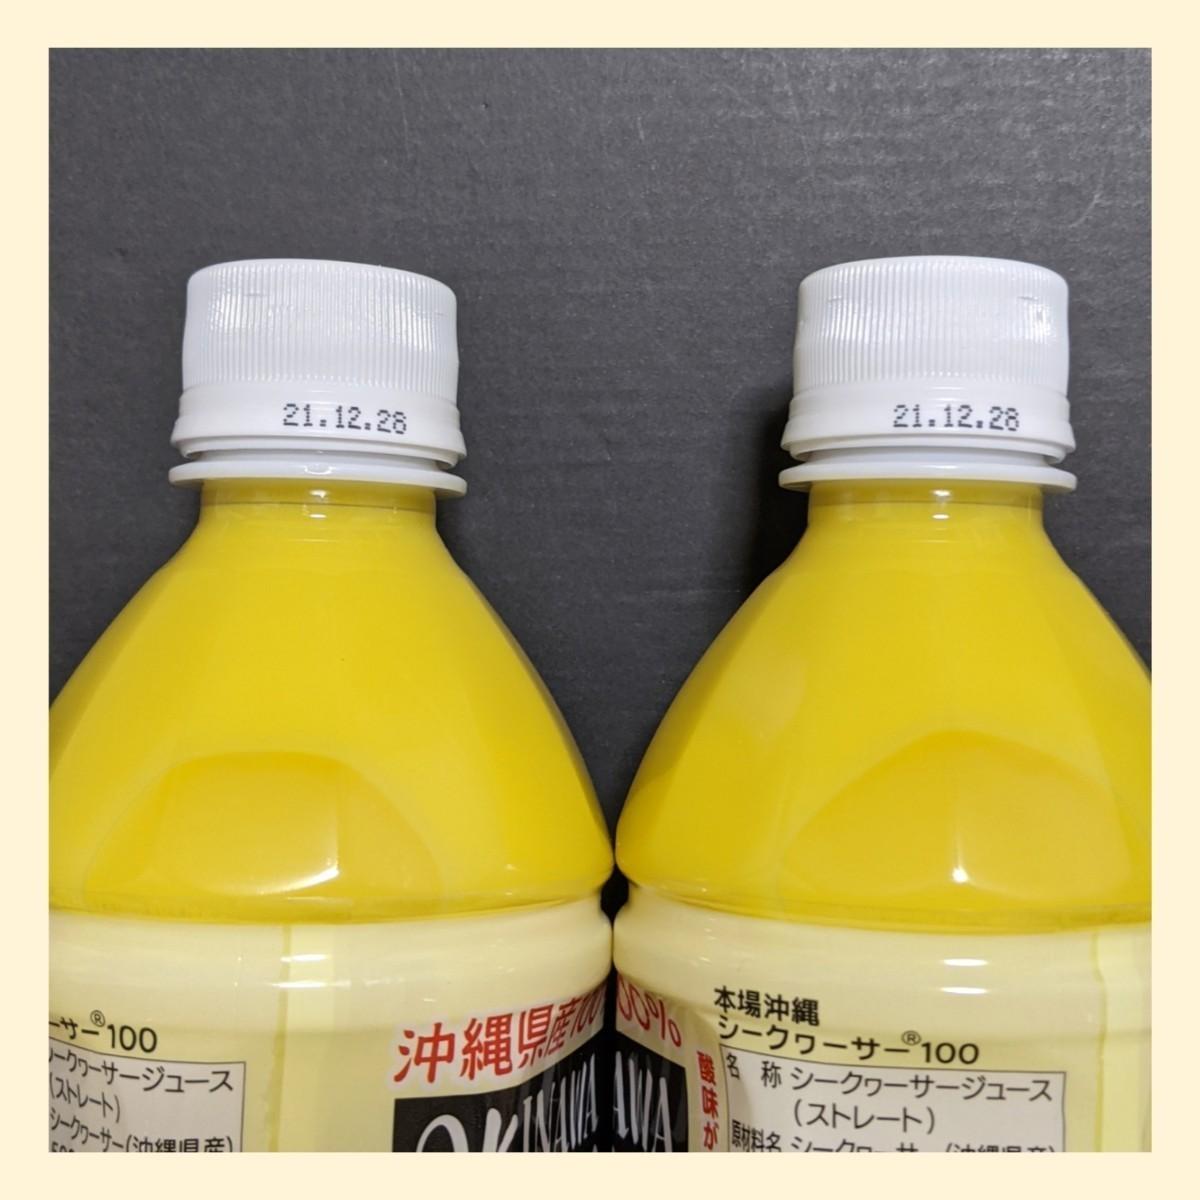 ☆値下げ☆ シークワーサー 果汁100%  500ml  4本  沖縄ハム